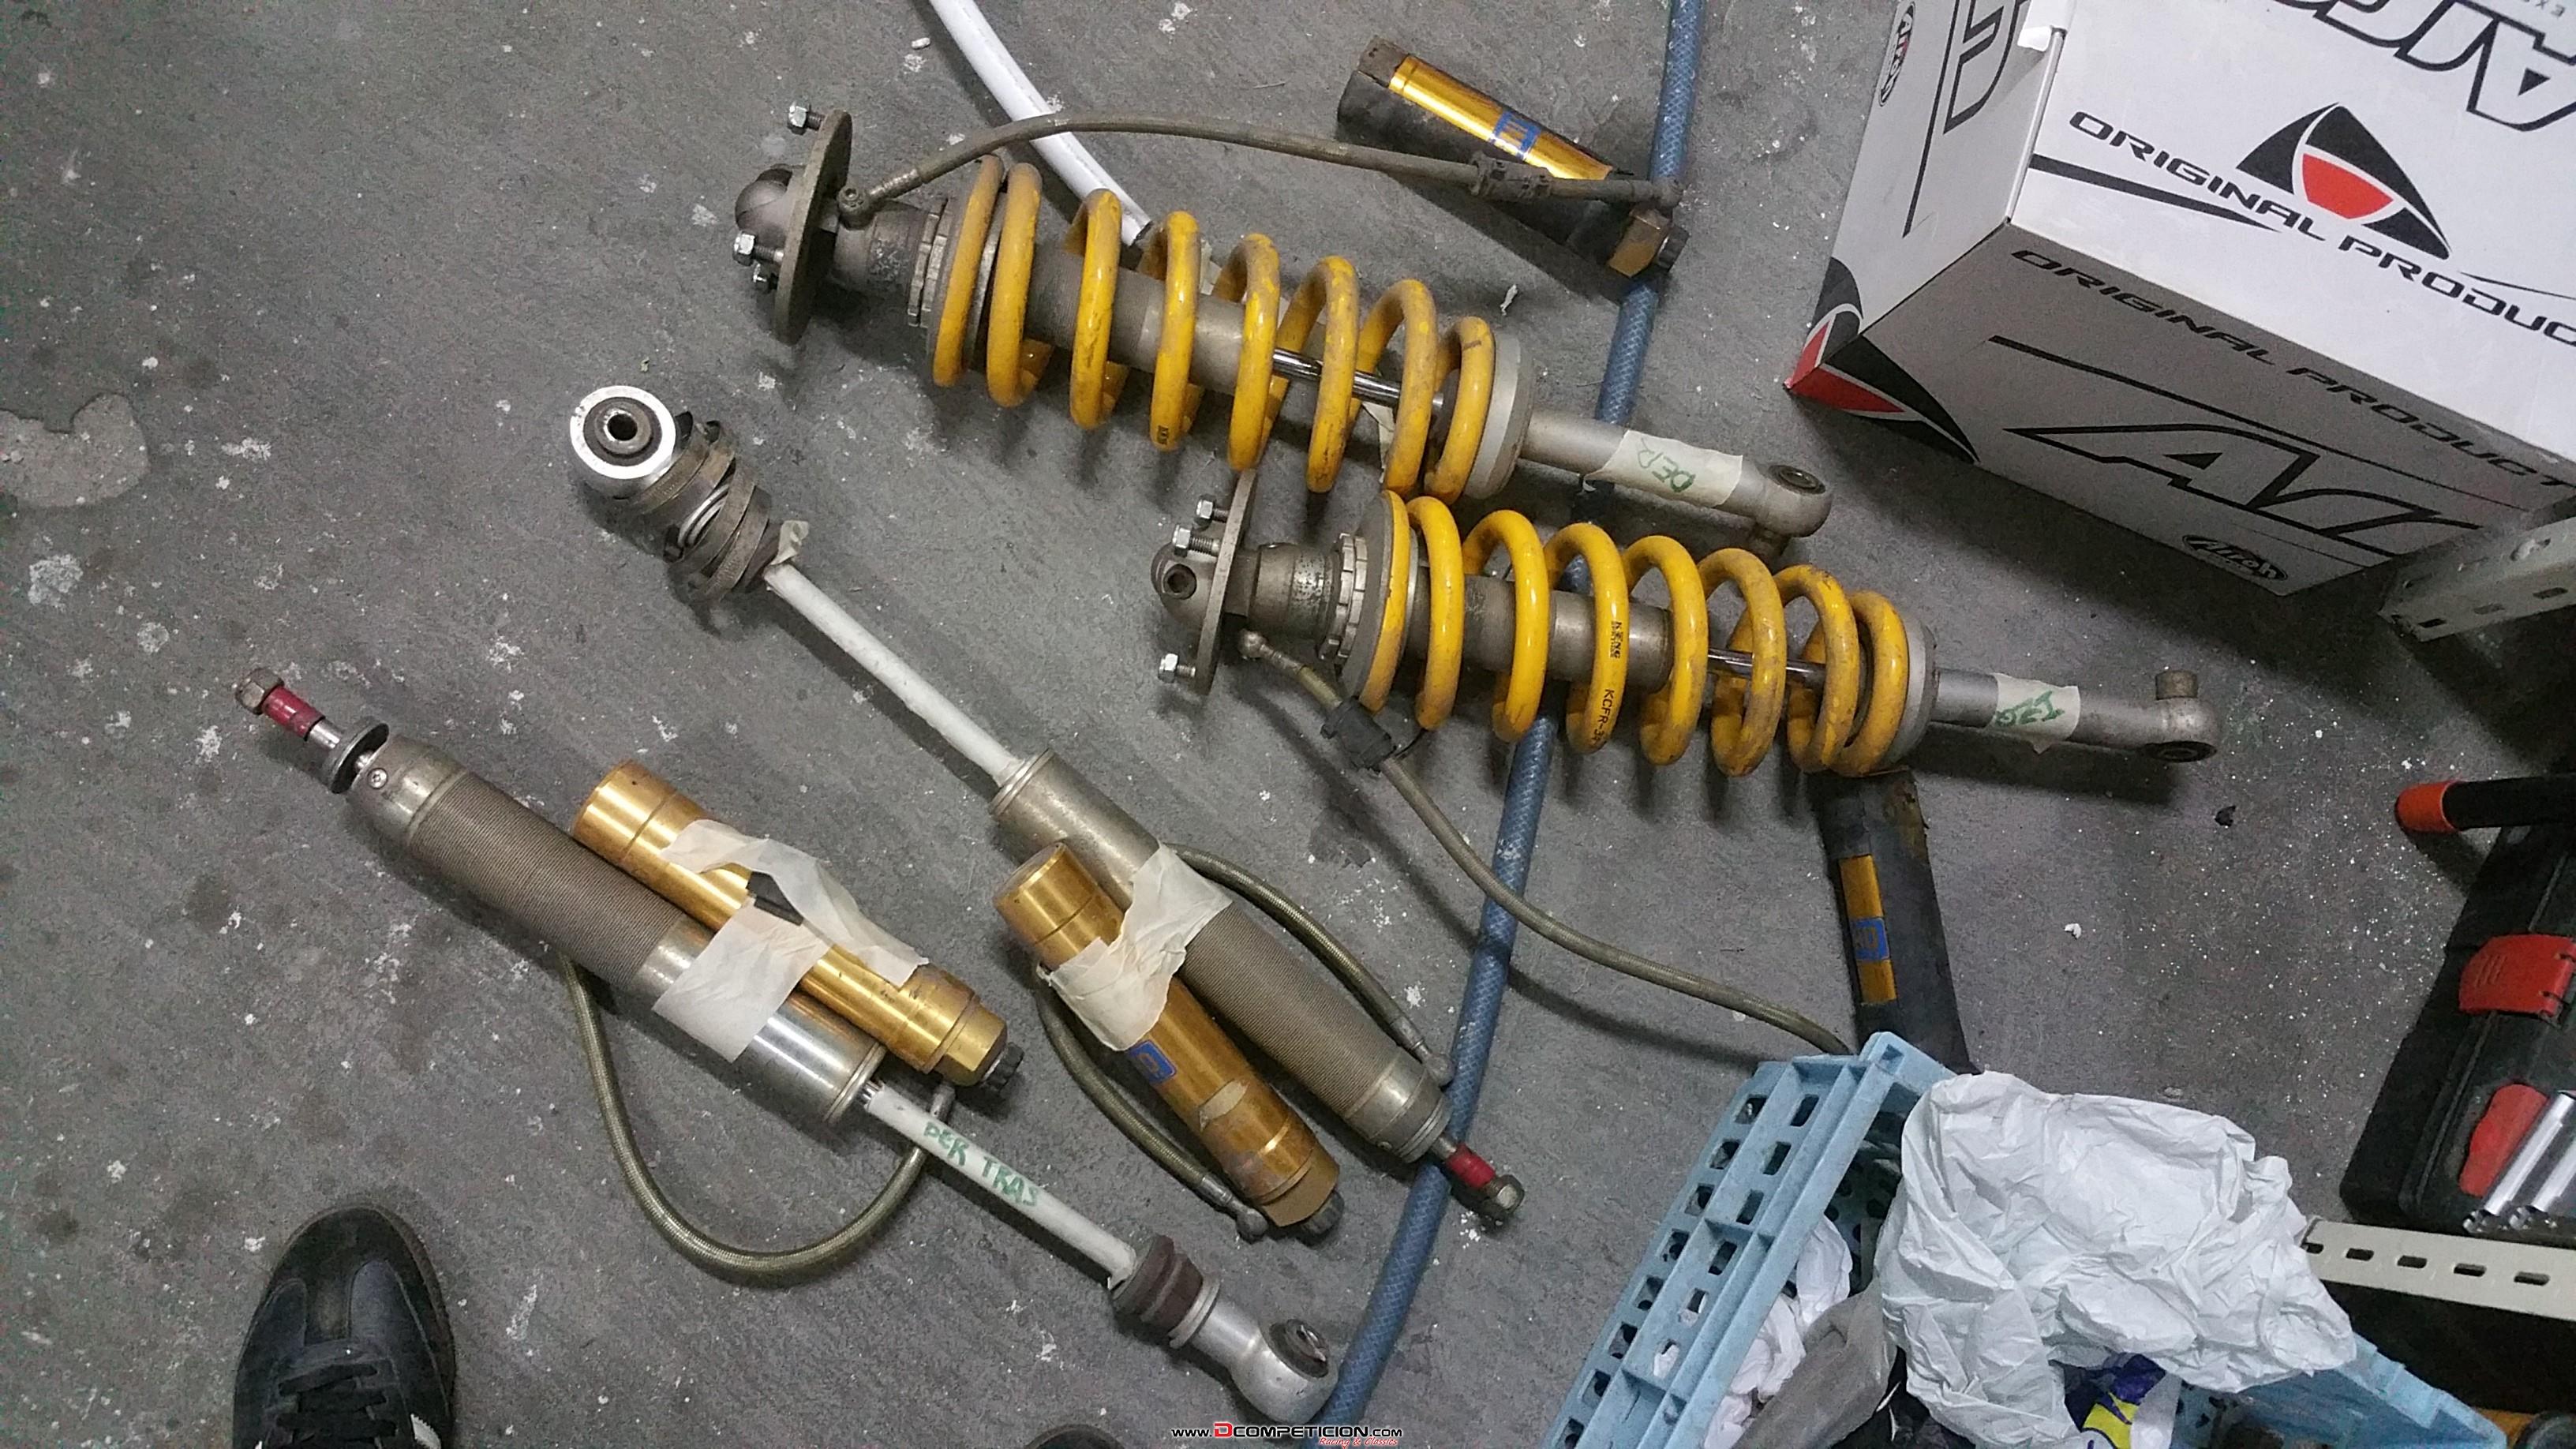 Foto1 Suspensiones ohlins para 4x4 mitsubishi montero del 2000 hasta 2017